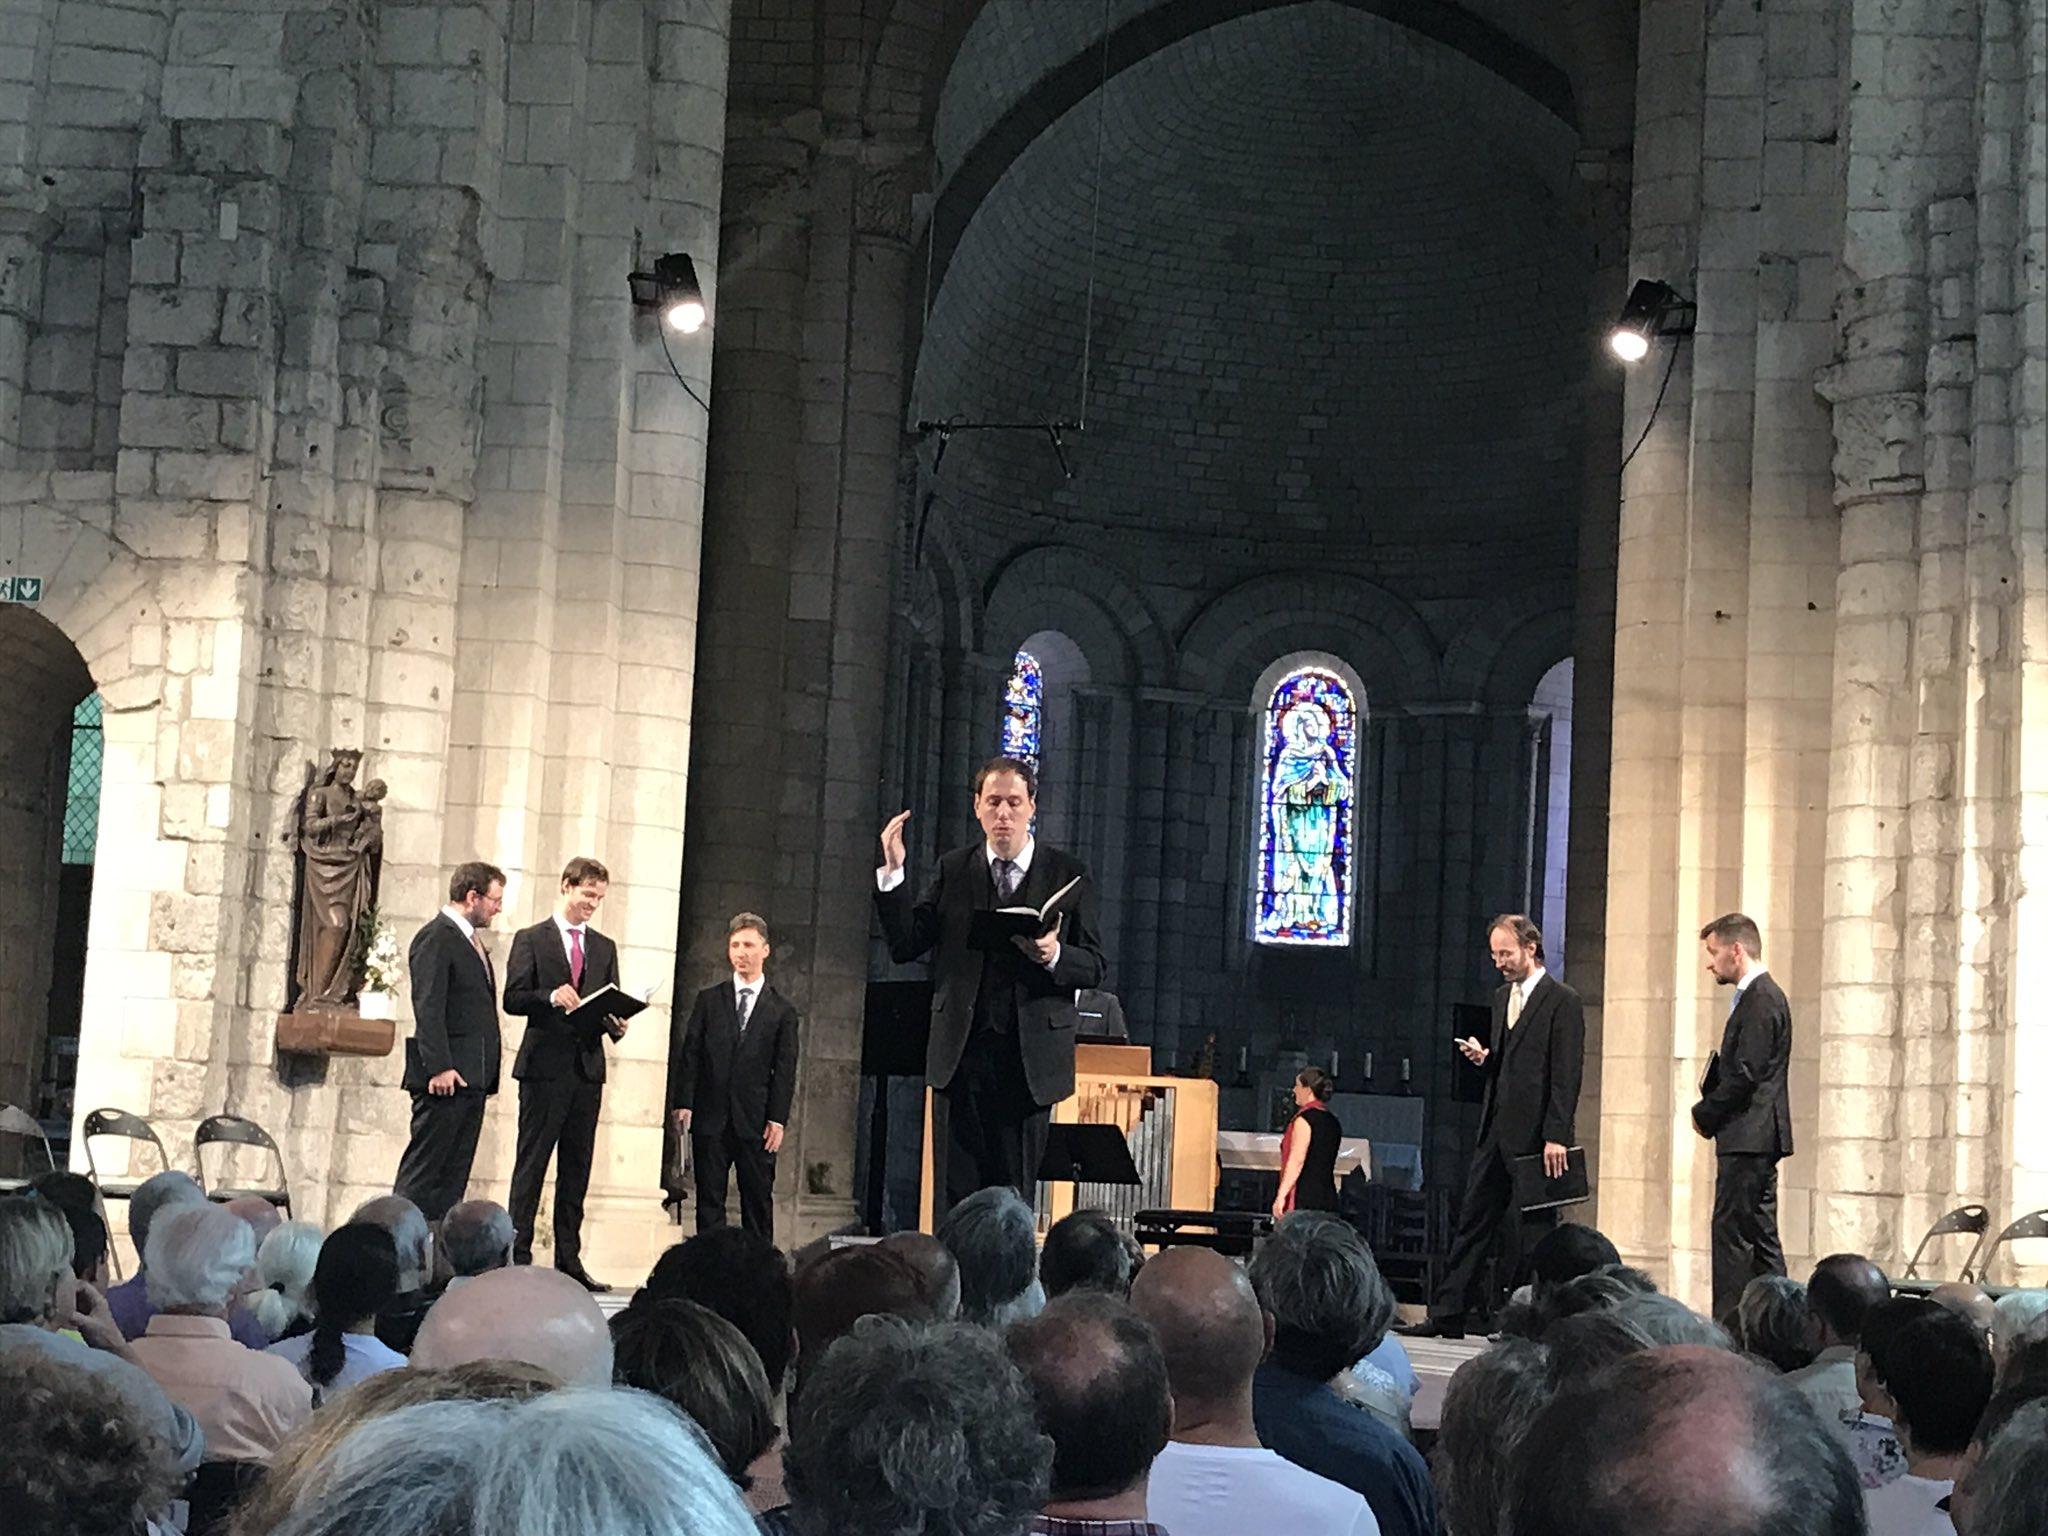 Lionel Meunier, éternel showman capable de faire rire le public @Abbayeauxdames après lui avoir tiré des larmes avec les Motets #Bach #fds17 https://t.co/IDgYfD6VG0